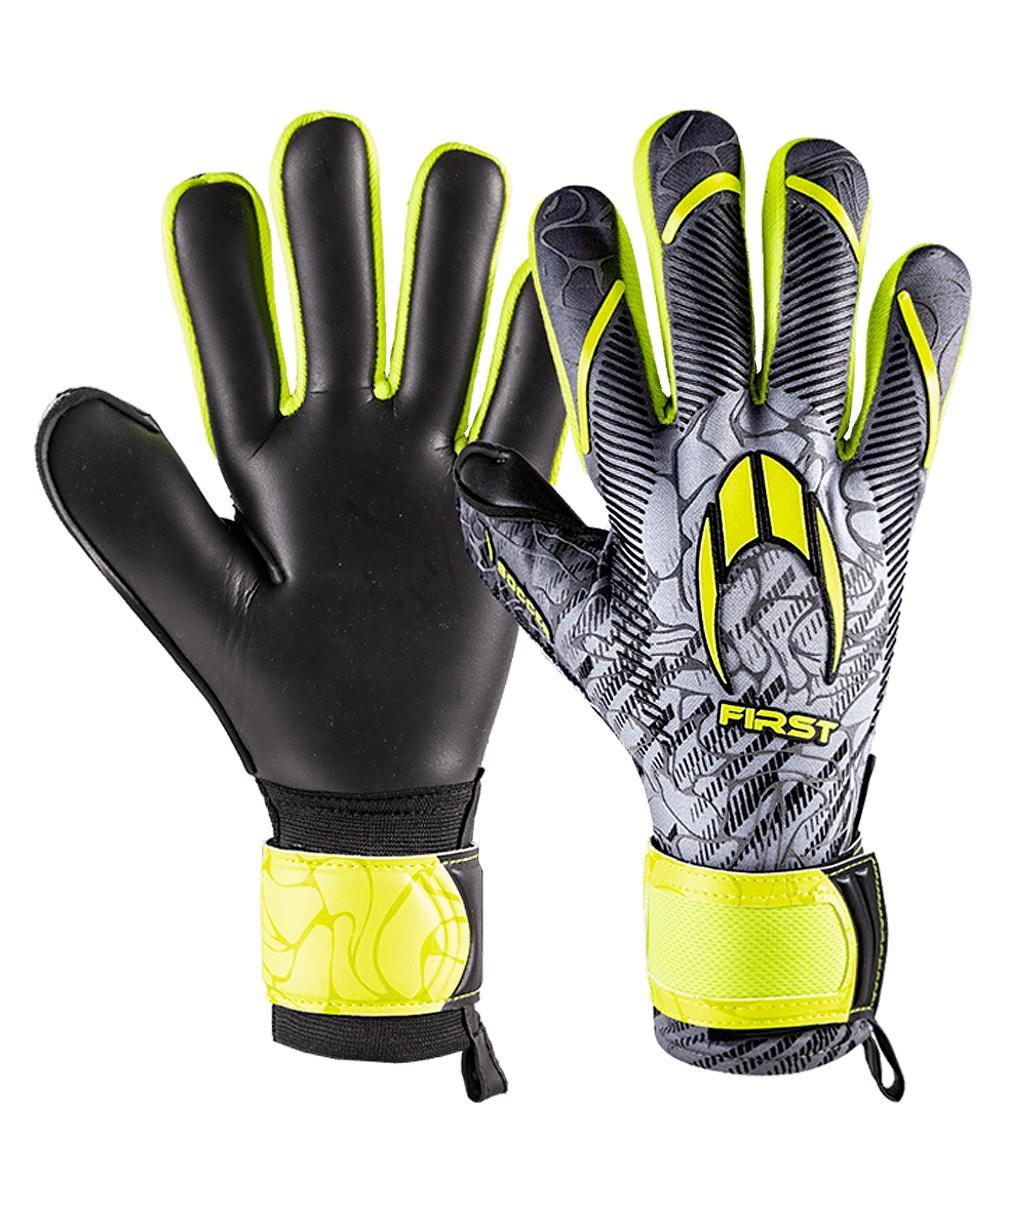 Купить перчатки Ho Soccer FIRST SUPERLIGHT 051.0966 серые